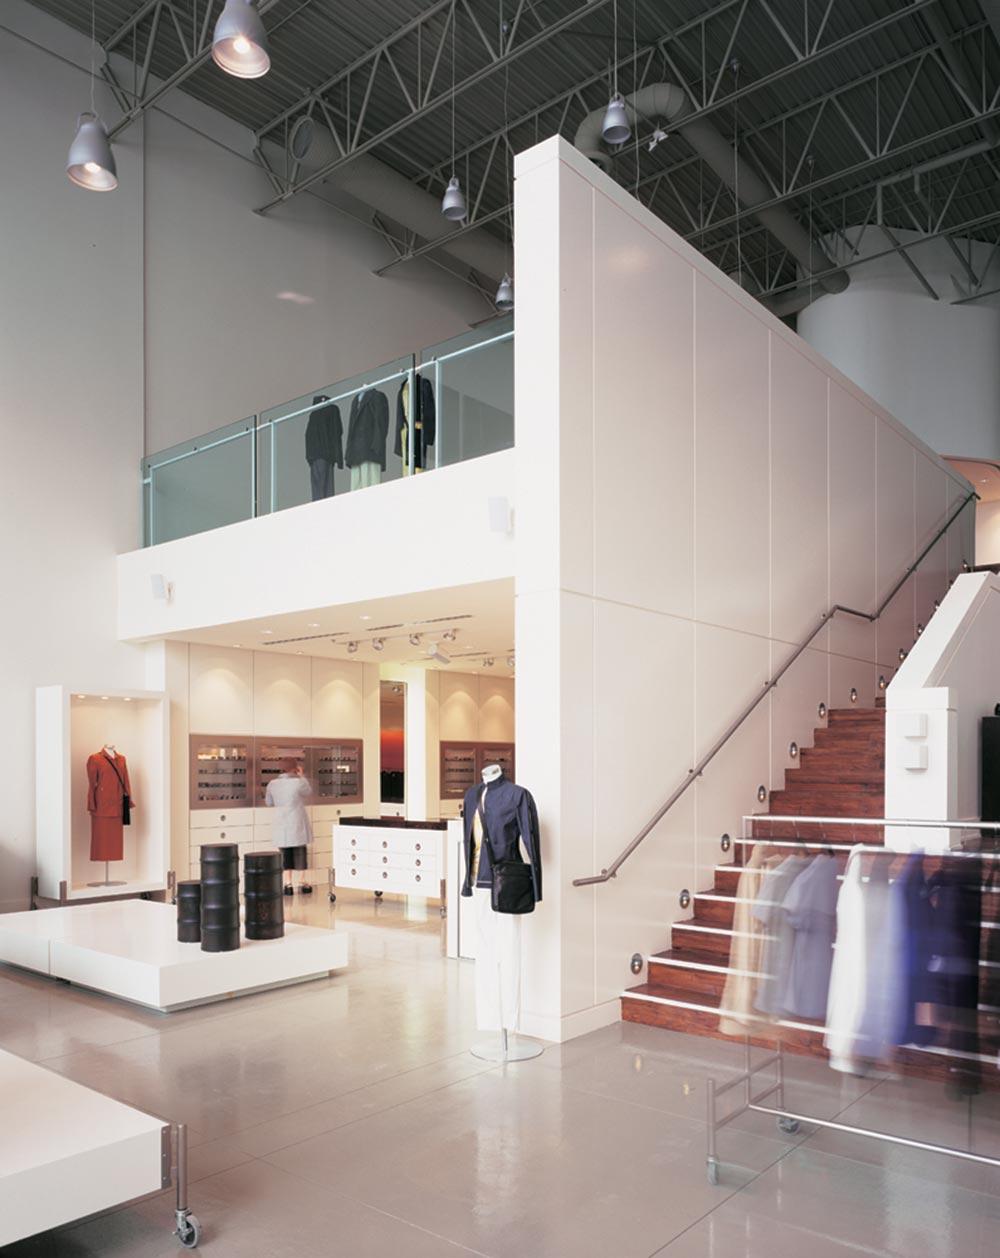 Bruce Lifestyle Store.  Retail Architecture & Interior Design by McKinley Burkart.